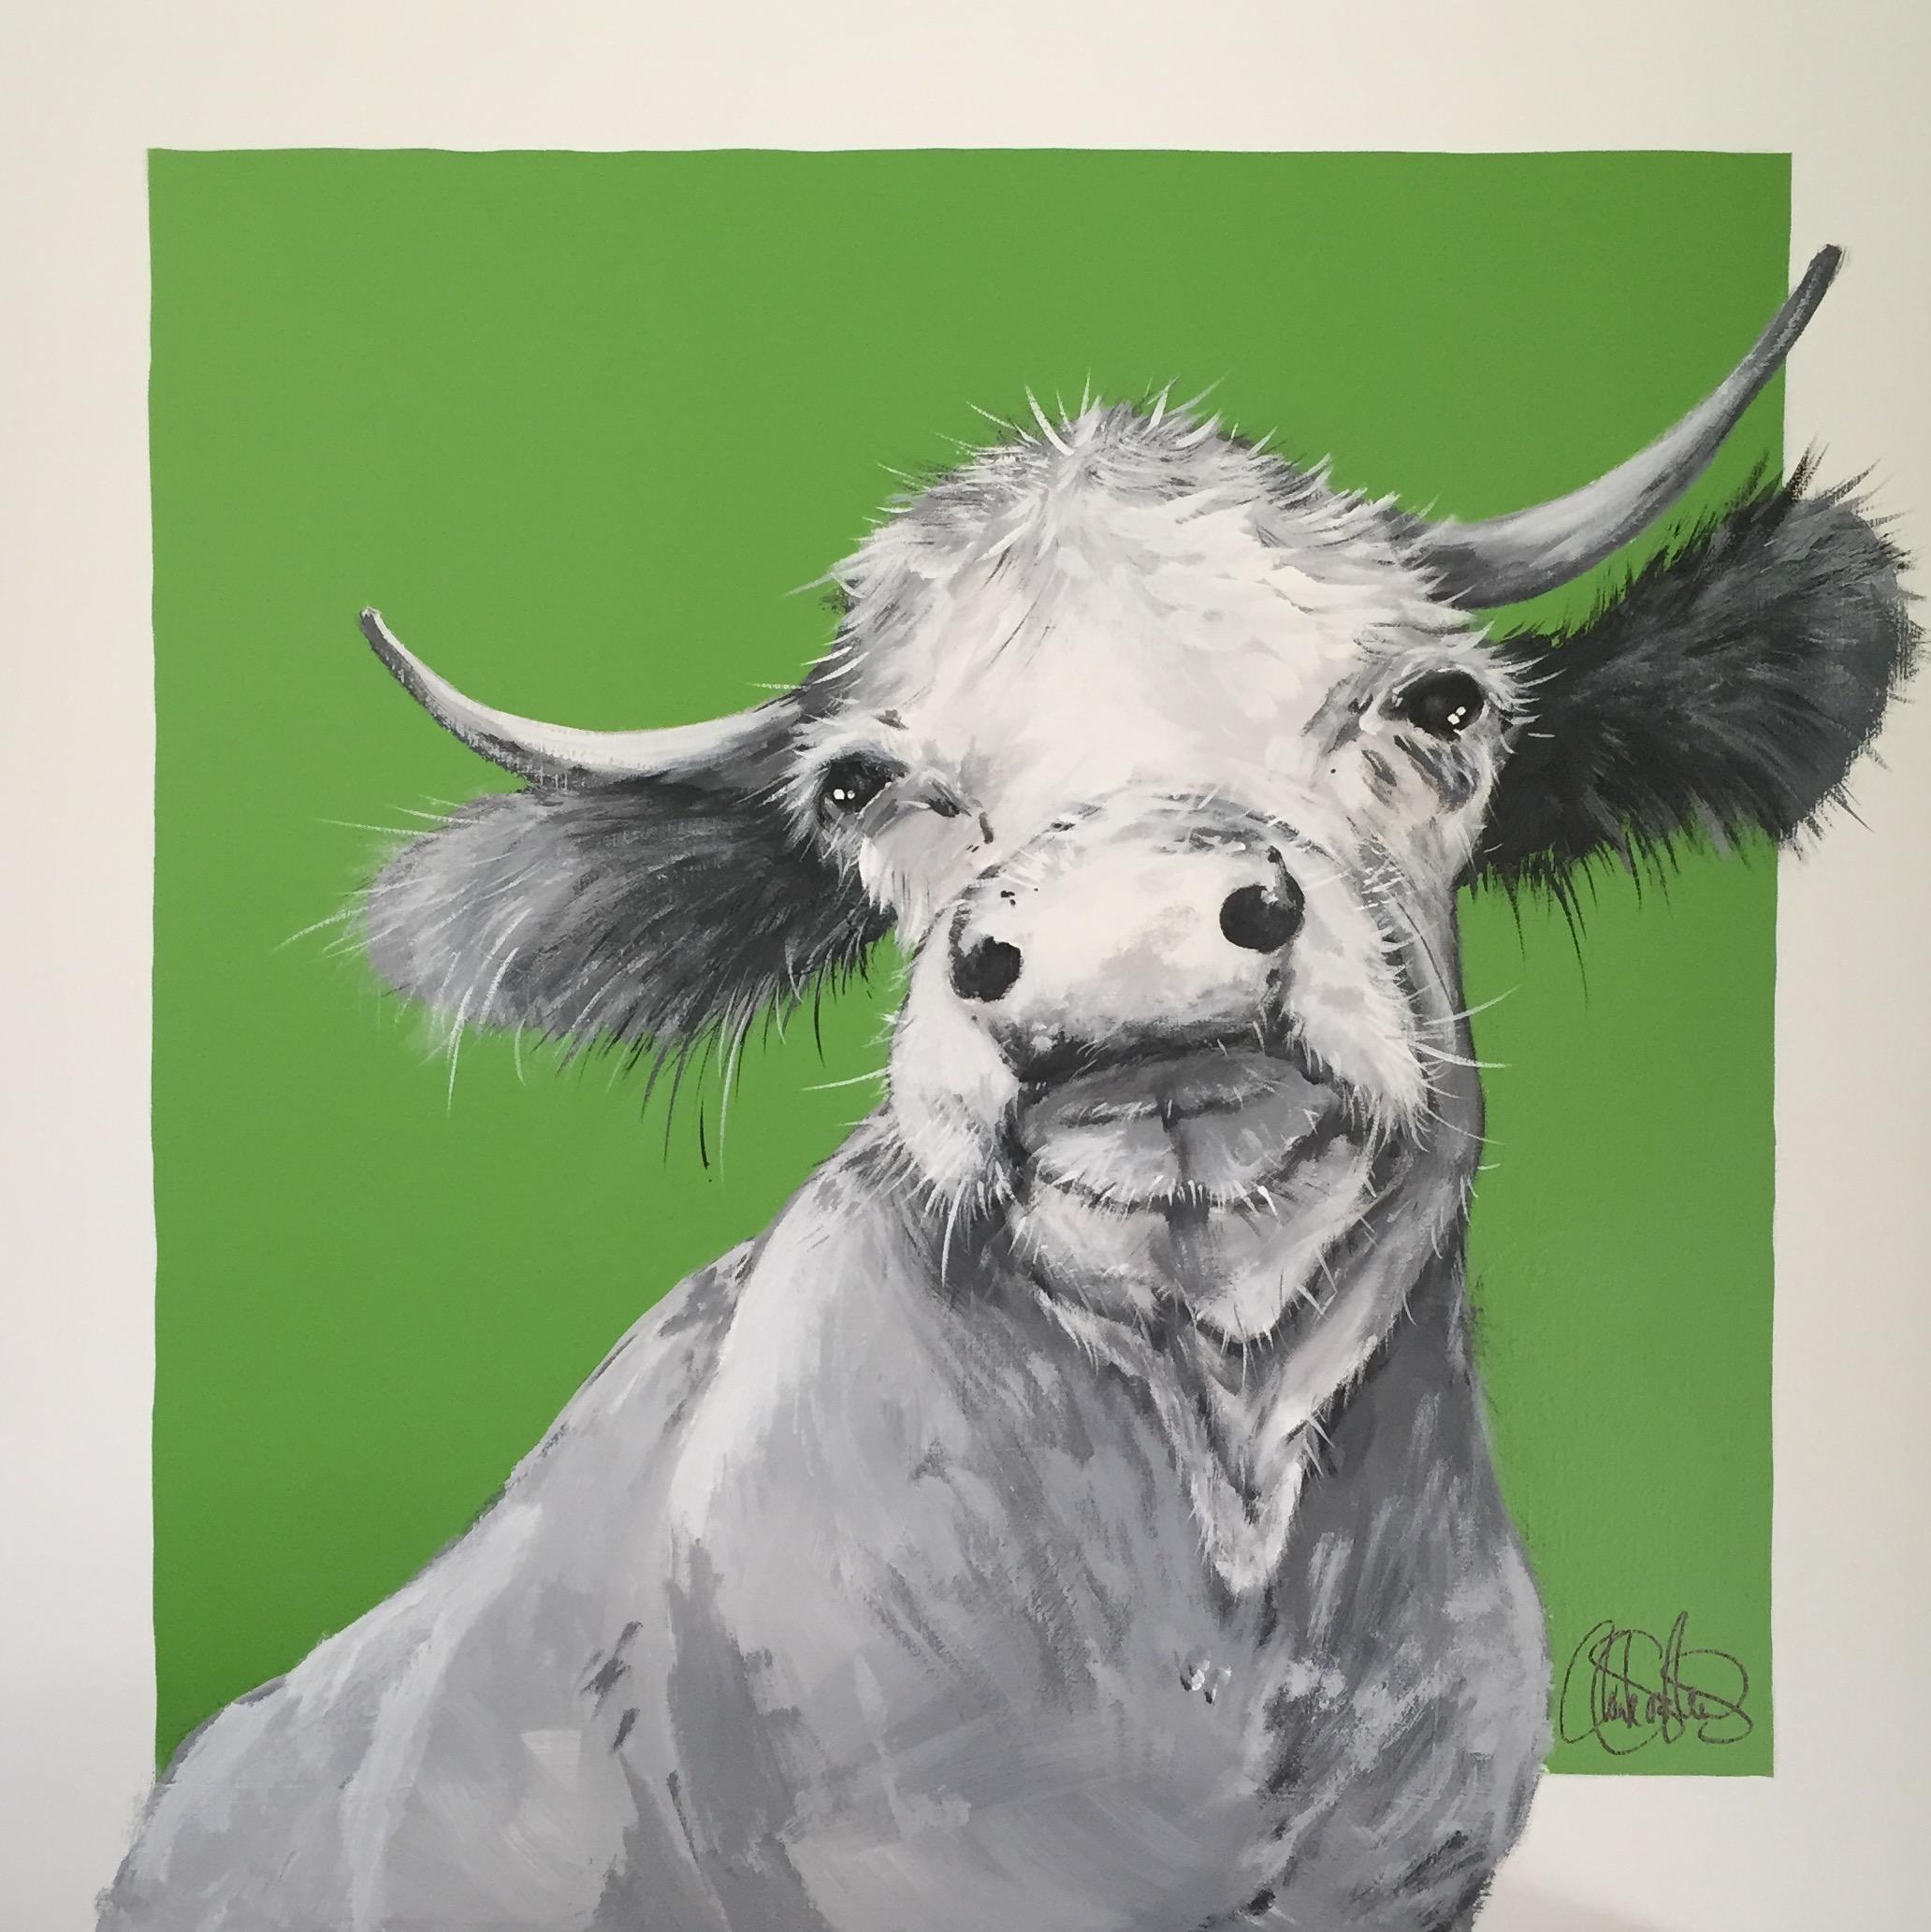 Originalmålning i akryl på uppspänd canvasduk. 70x70cm. Till salu för 4900sek